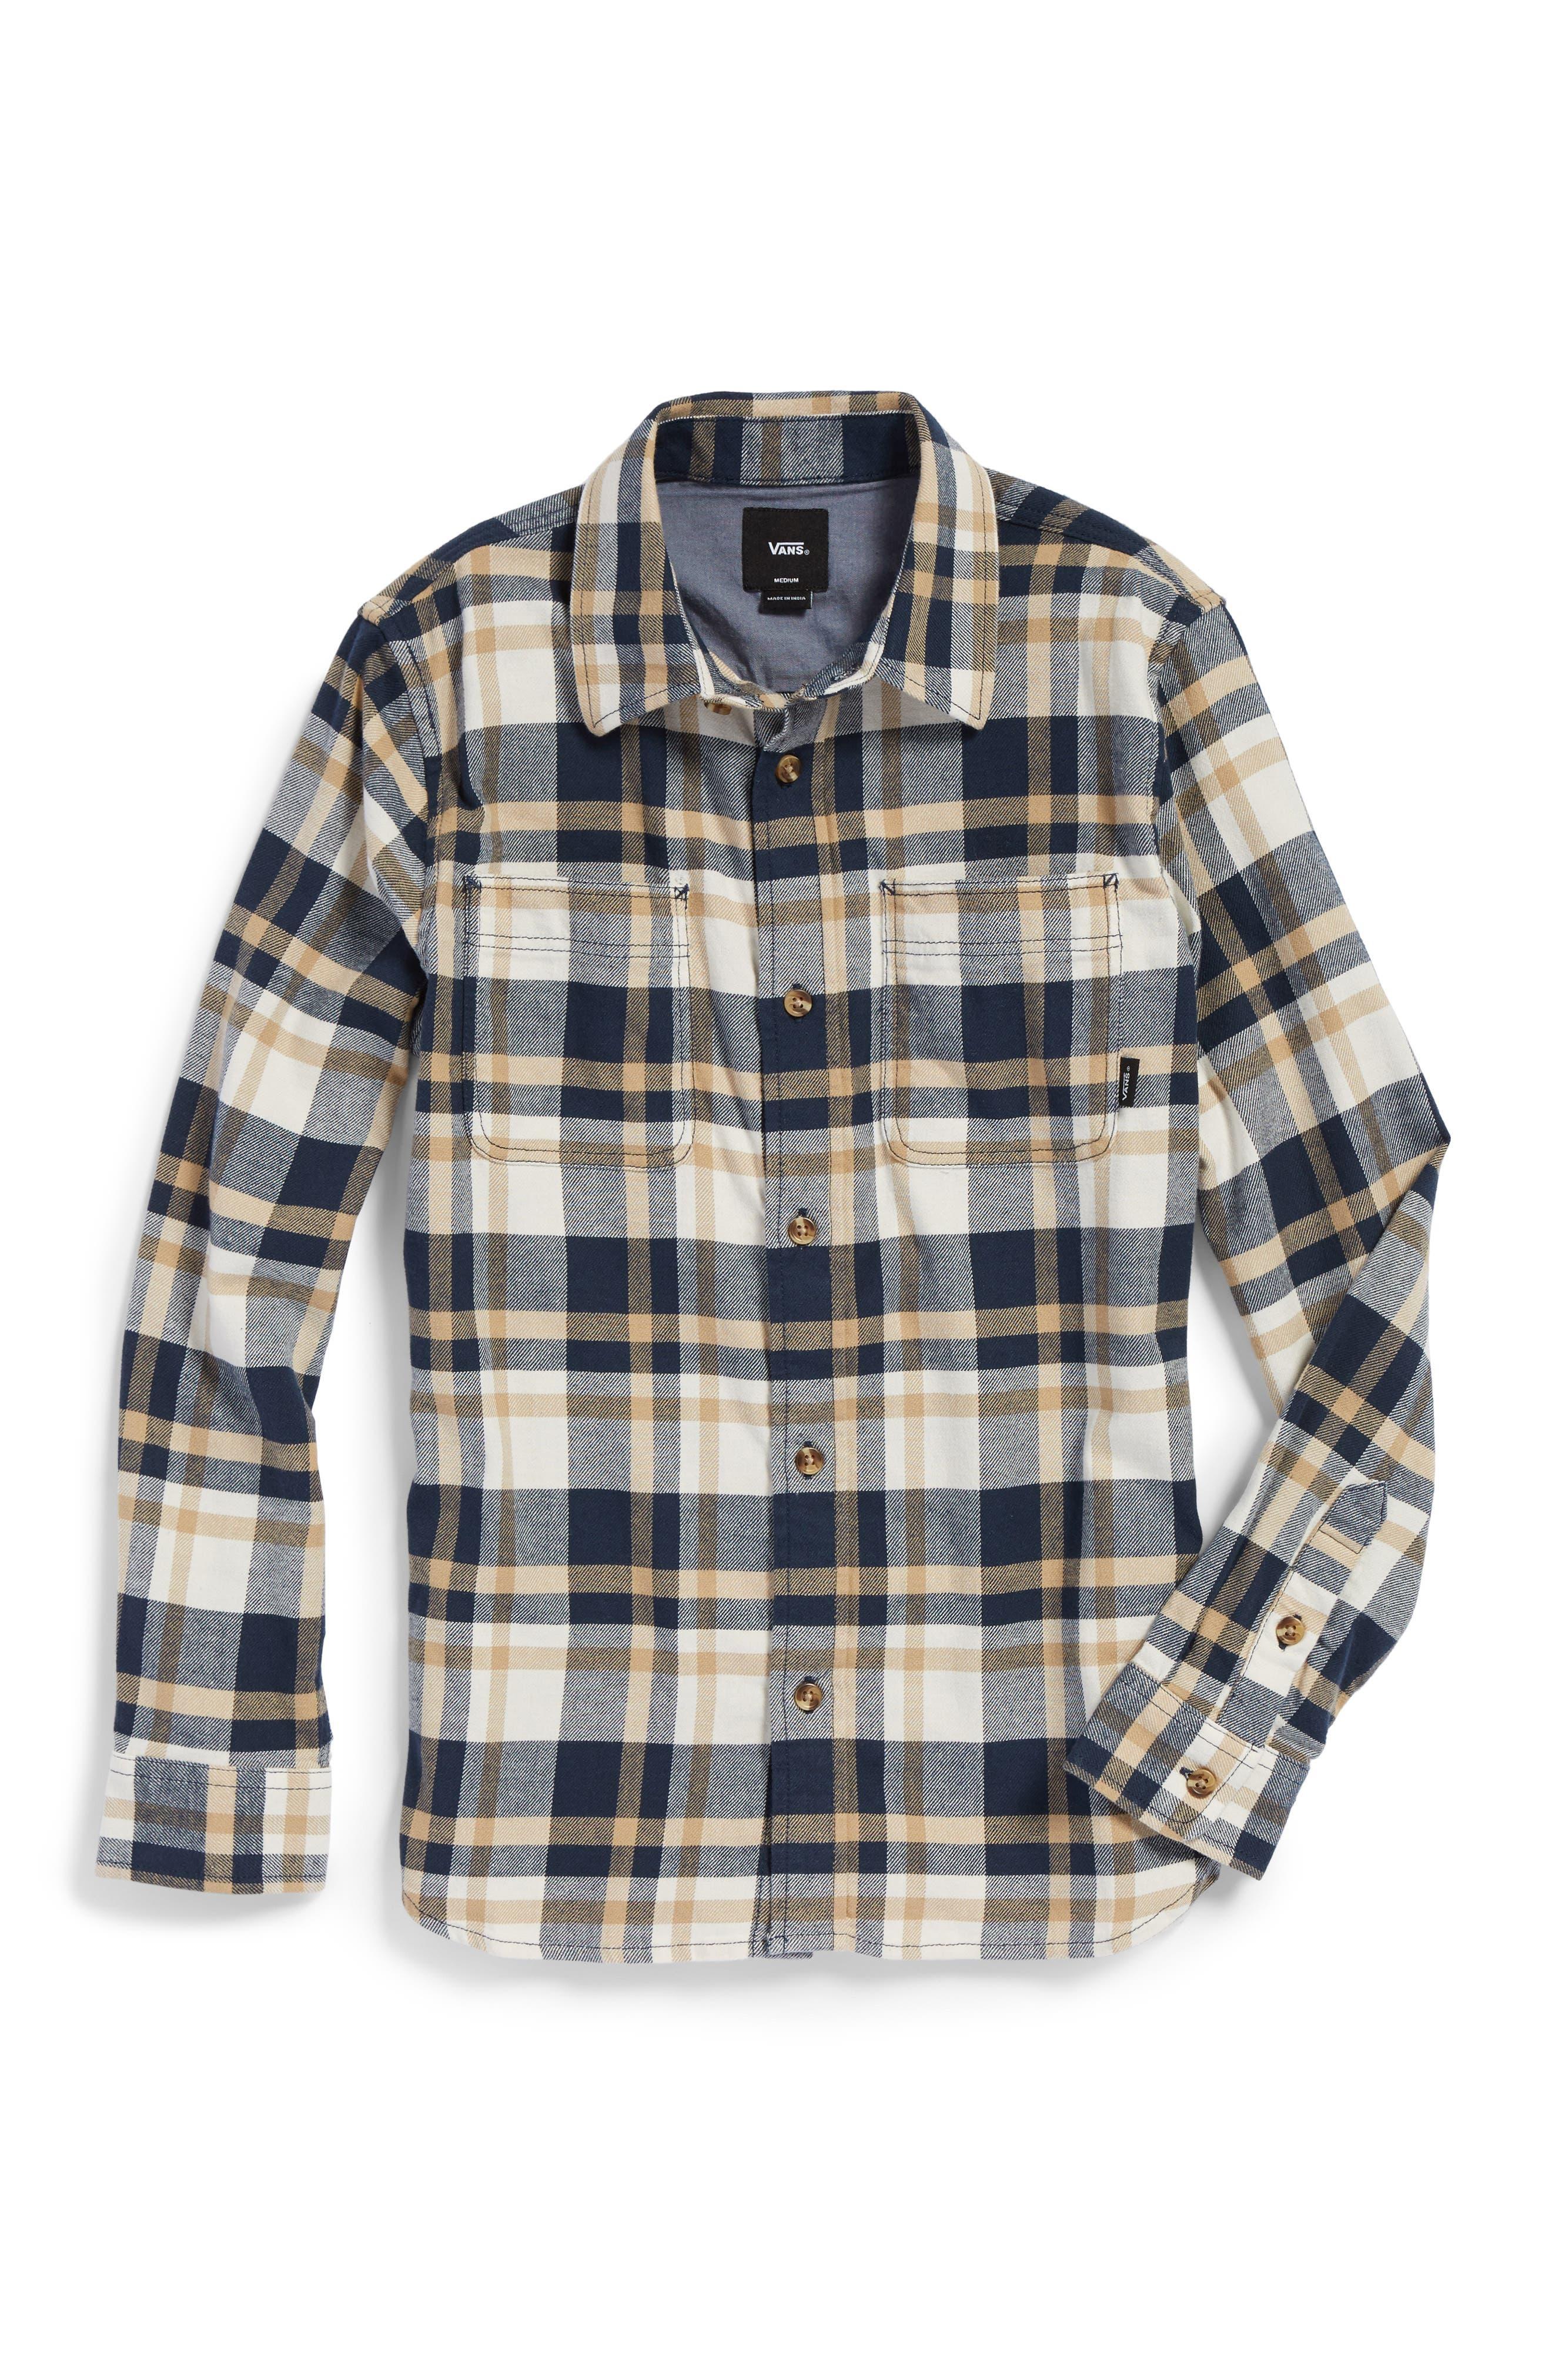 Banfield Plaid Flannel Shirt,                         Main,                         color, 401